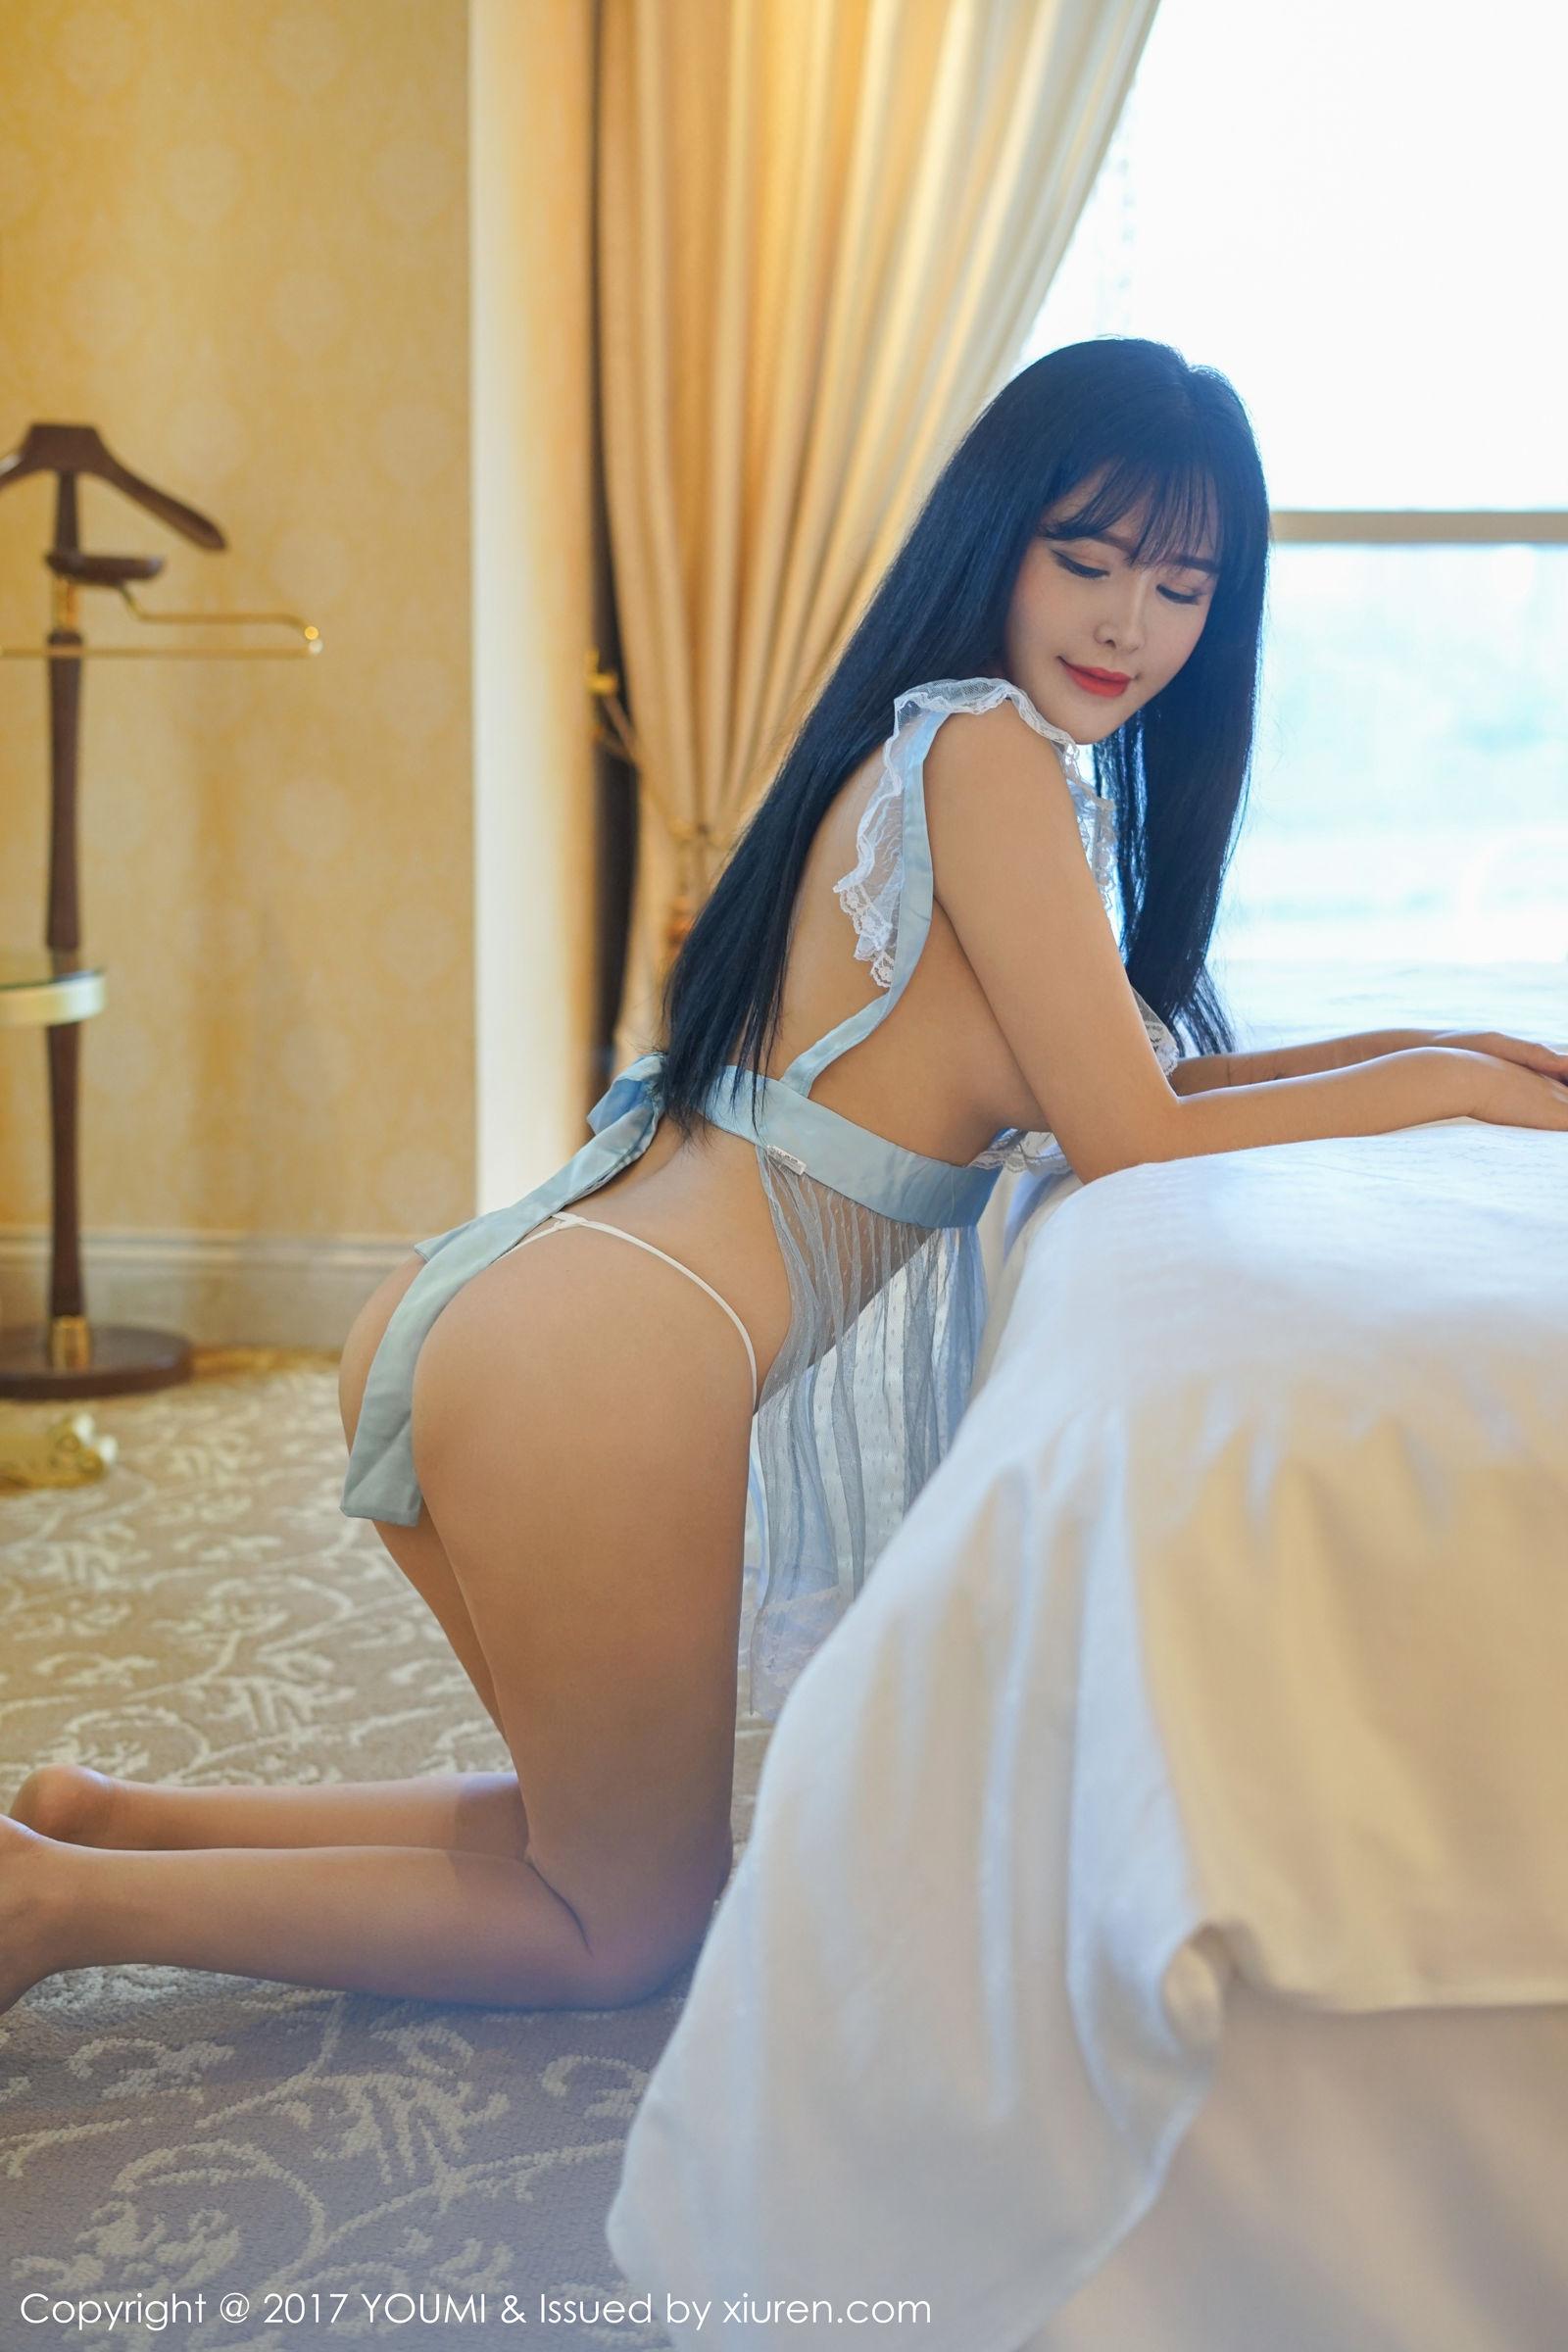 性感美女刘钰儿 - 性感学生装